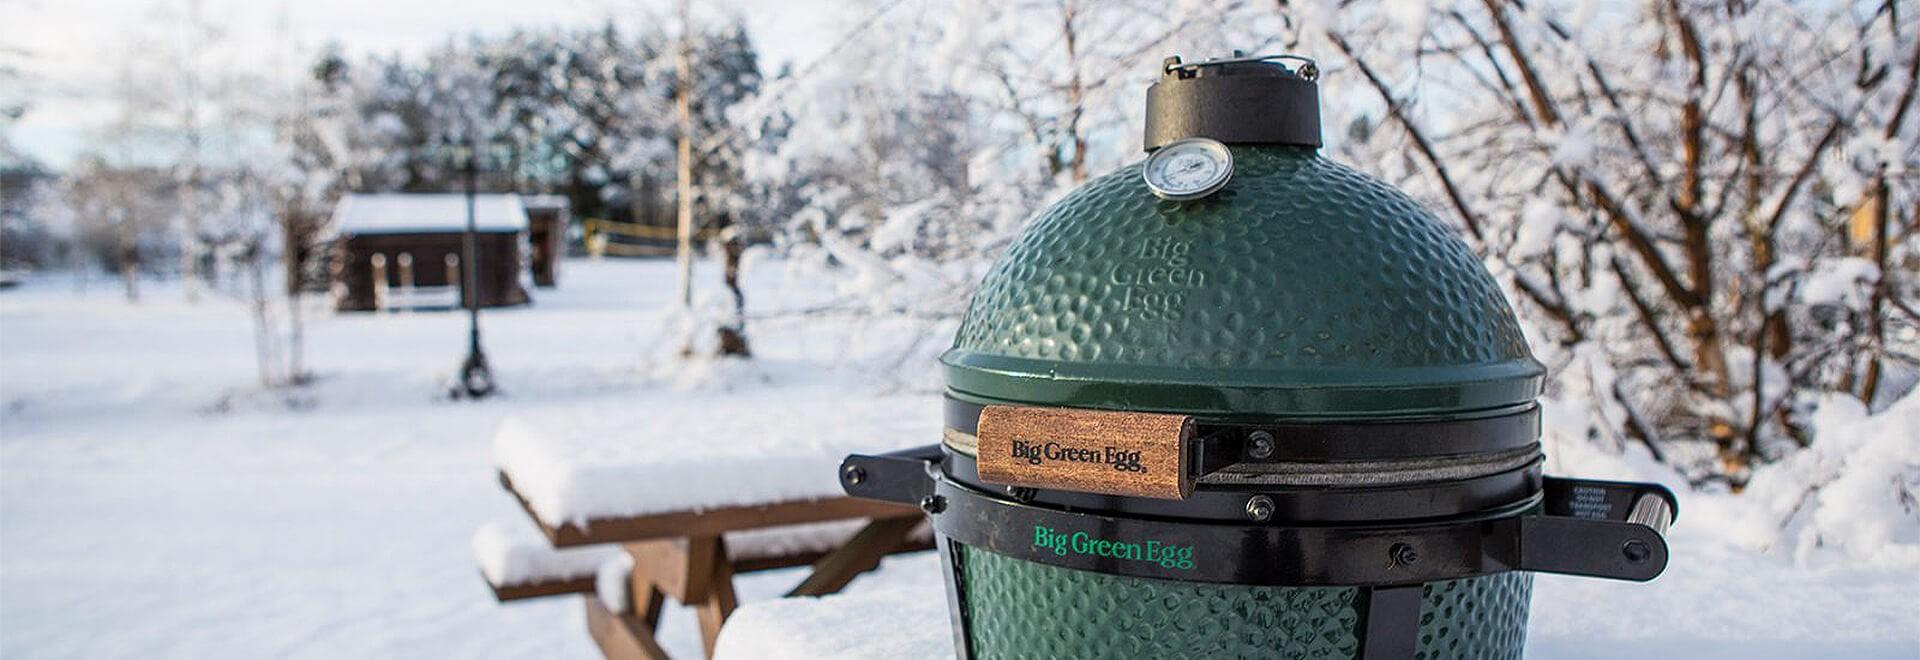 Sélection d'items pour une séance de barbecue hivernale réussie